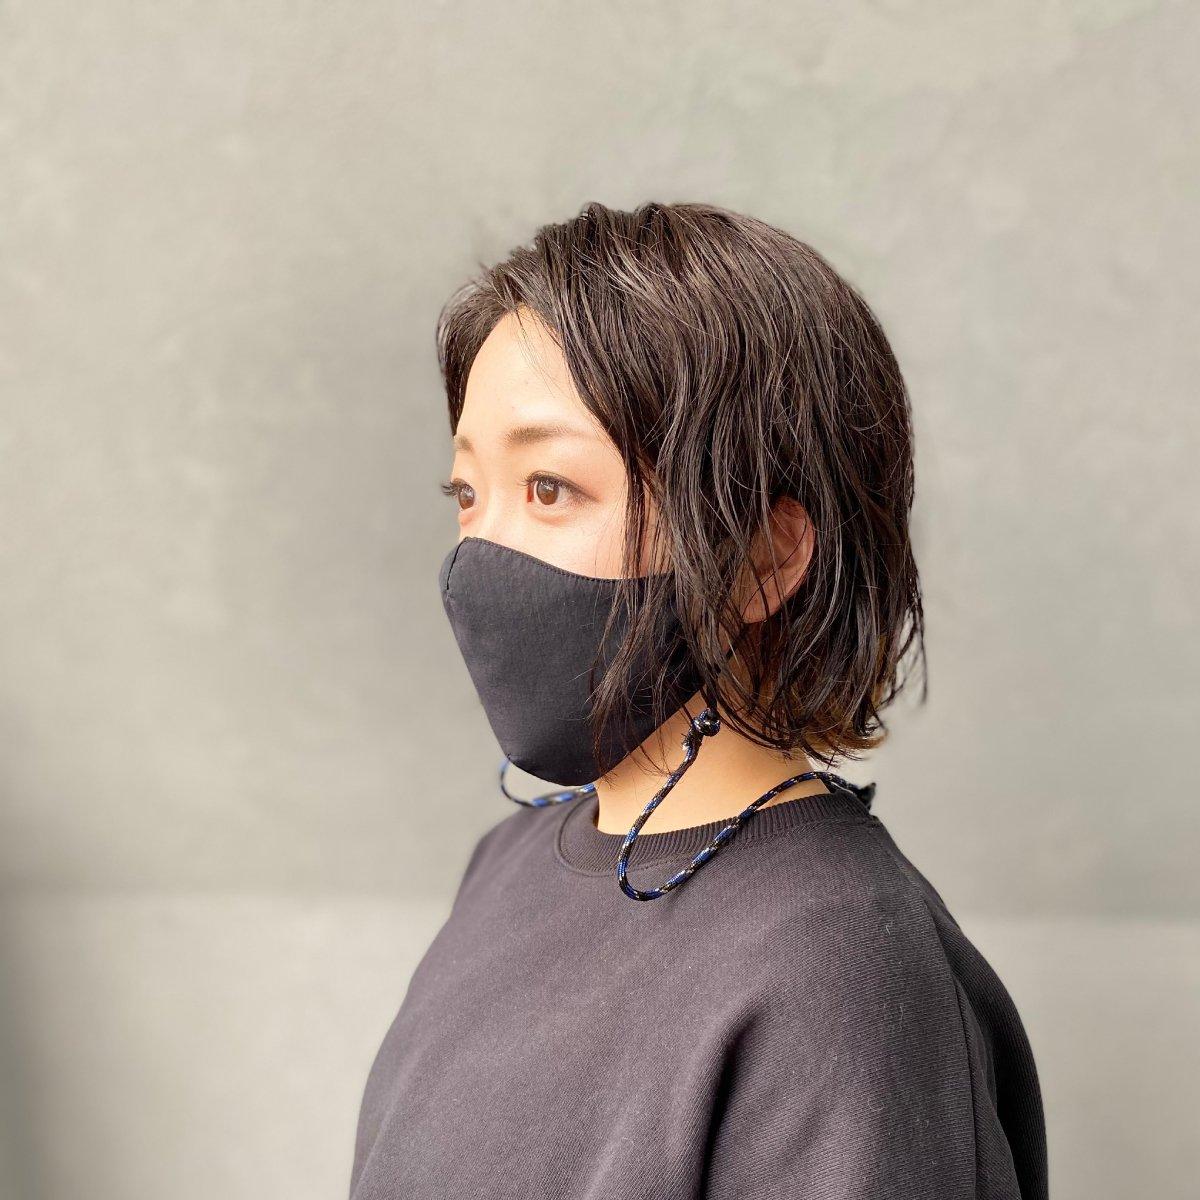 Strap Set Mask 詳細画像16